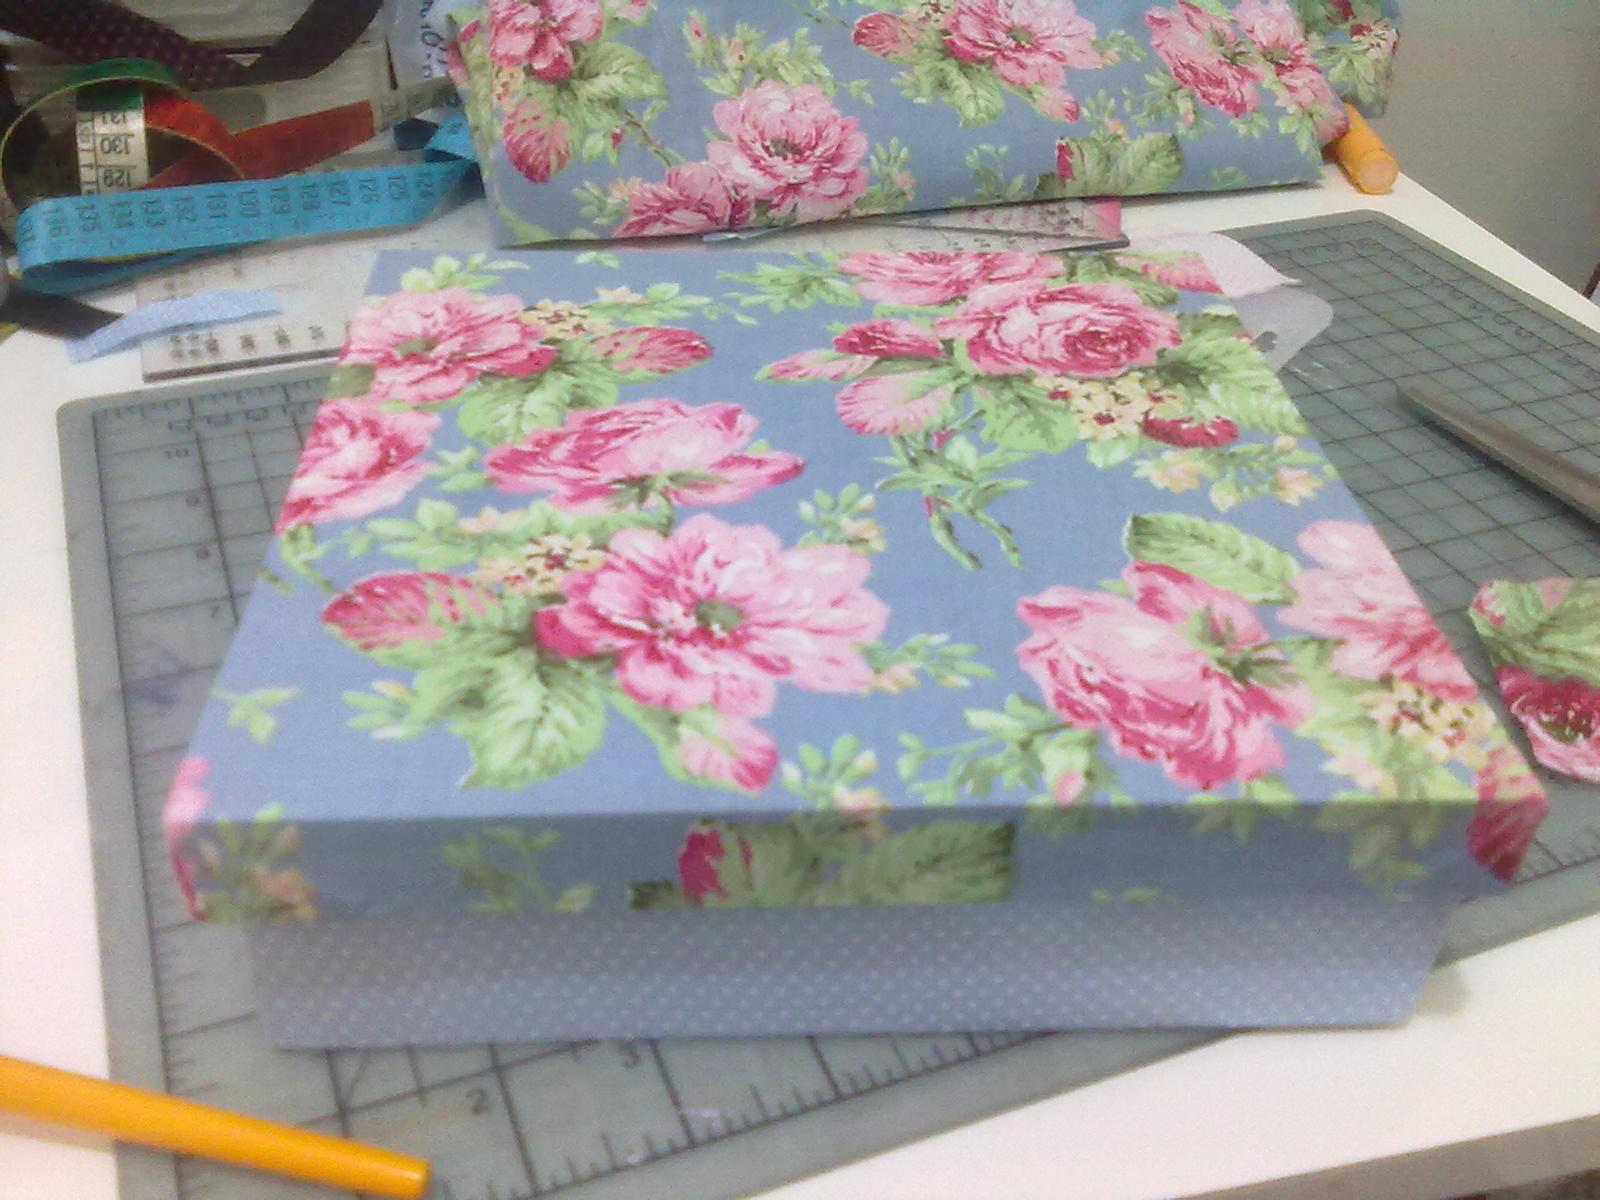 Stella Hoff Patchwork: Mais uma caixinha de MDF com tecido! #8F3C60 1600x1200